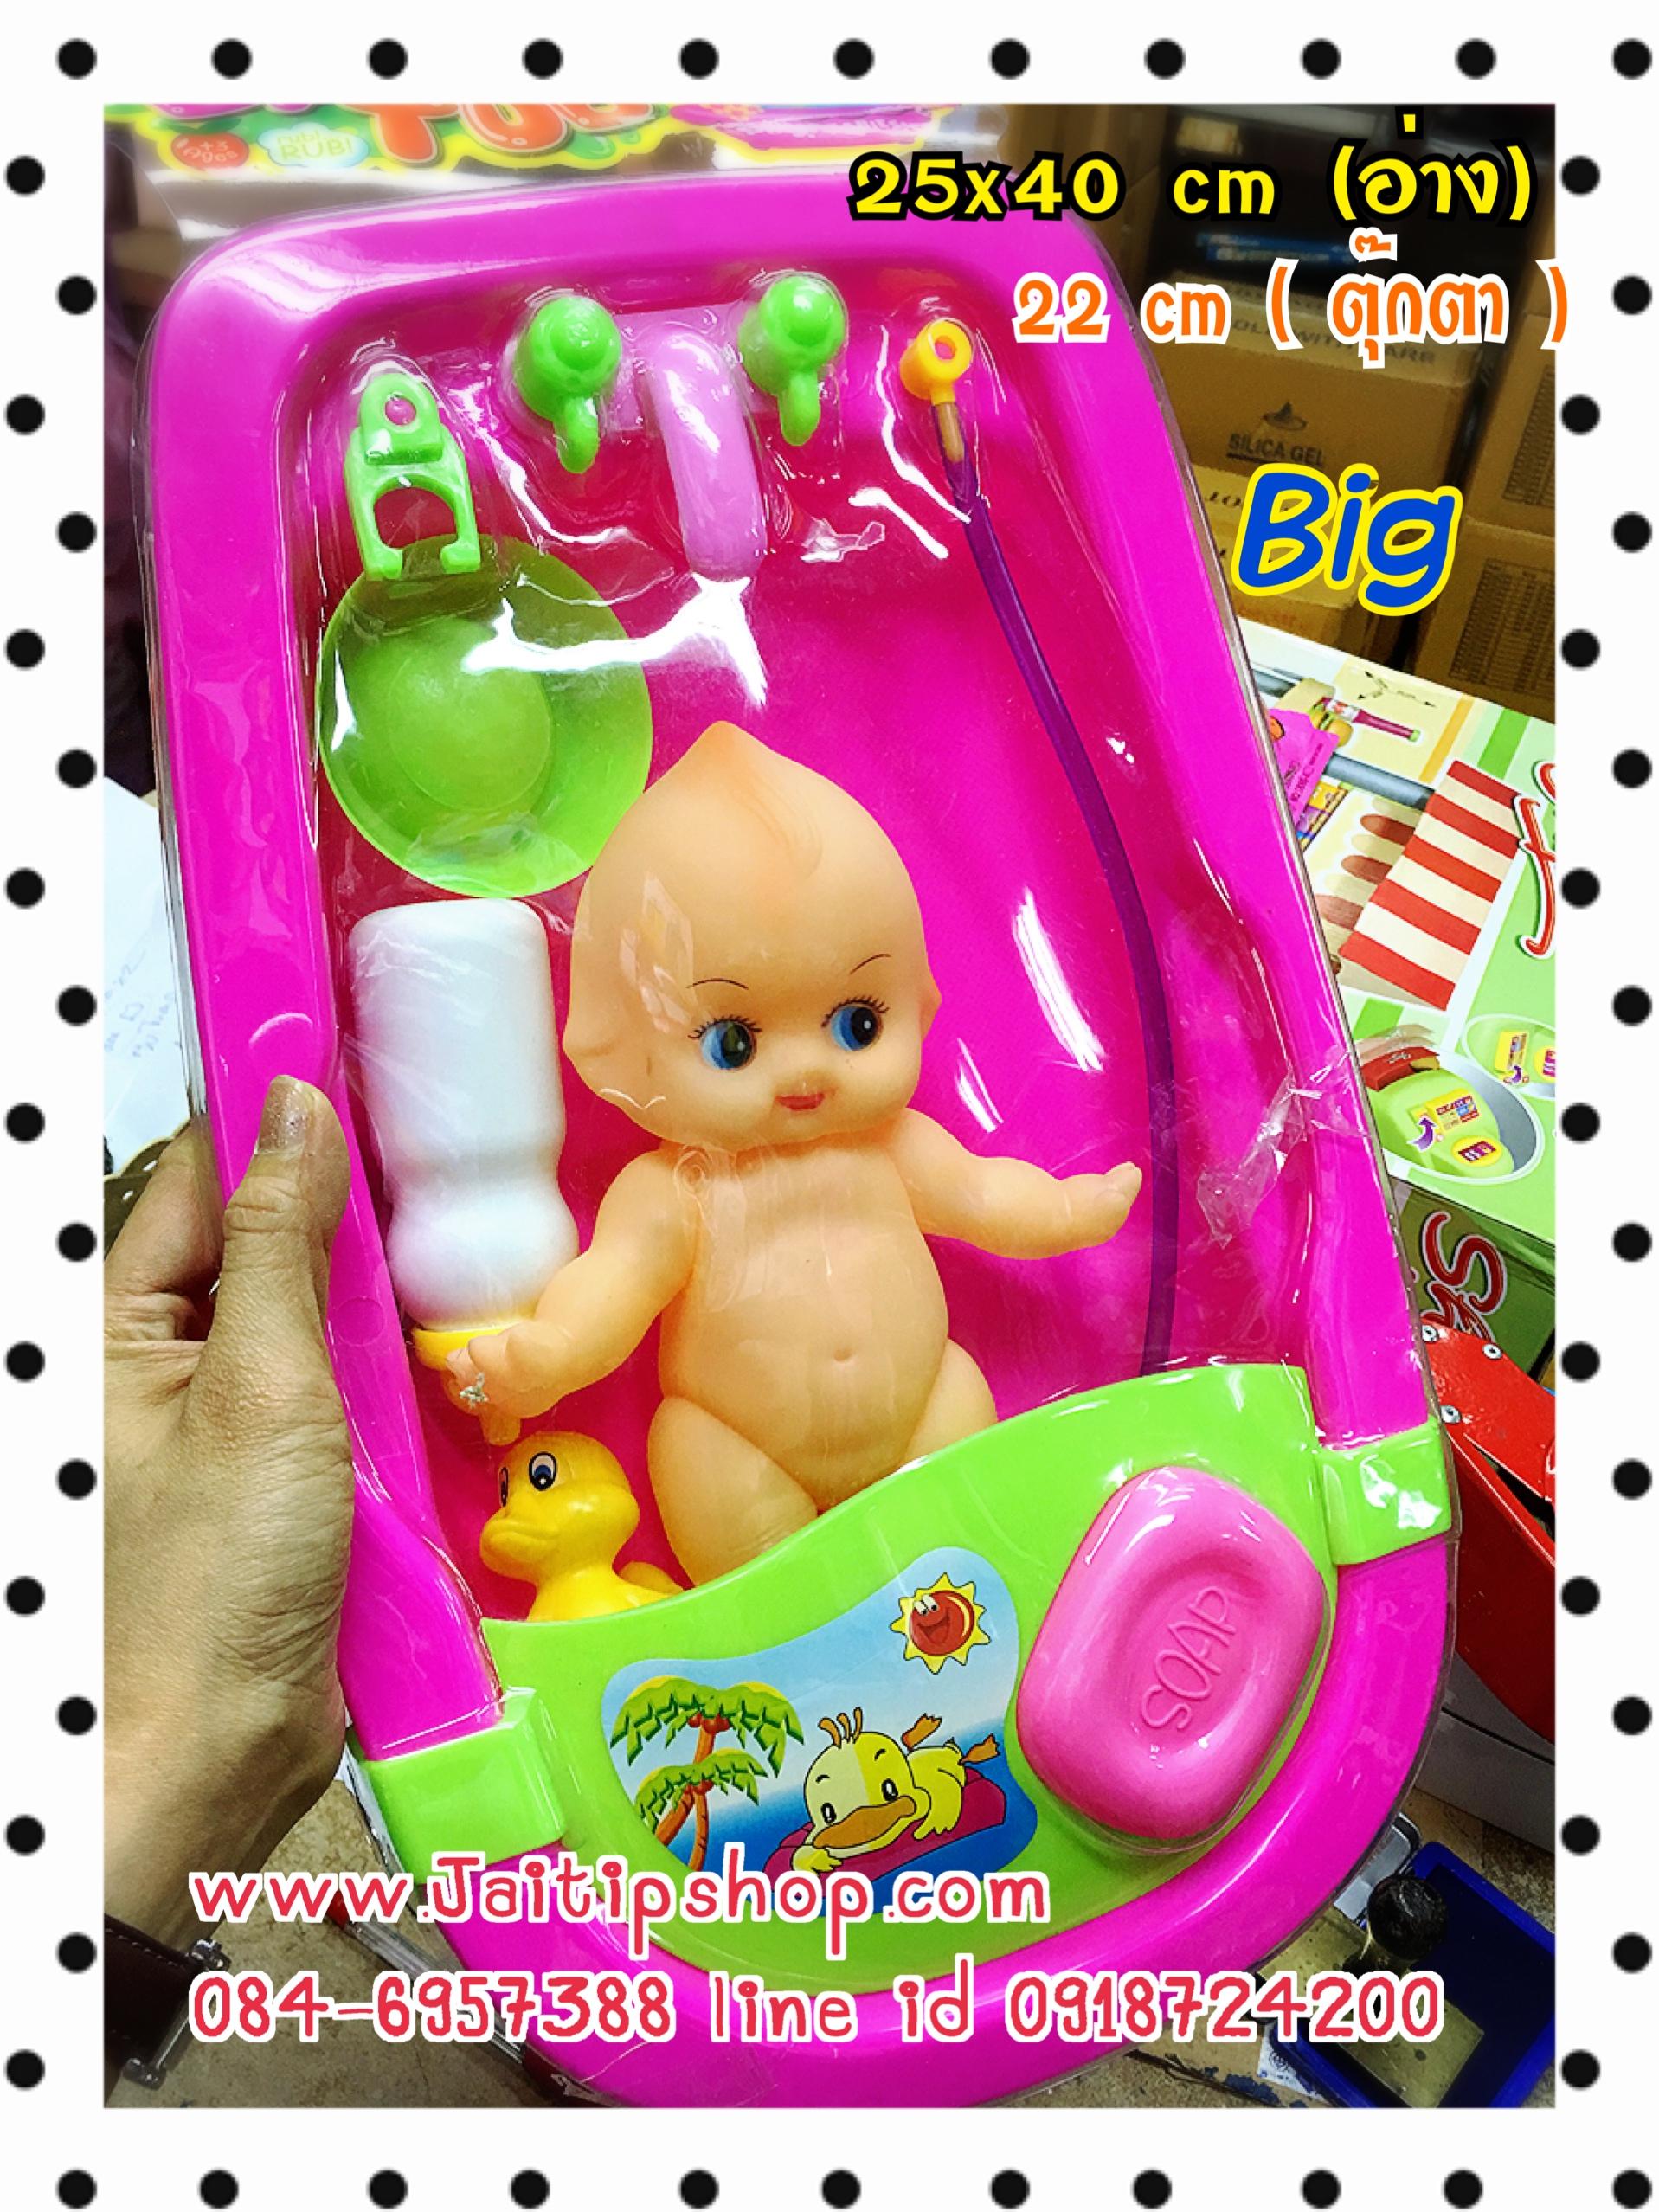 เด็กอาบน้ำอ่างใหญ่ 25x40 cm พร้อมเด็กยางนิ่มน่ารัก